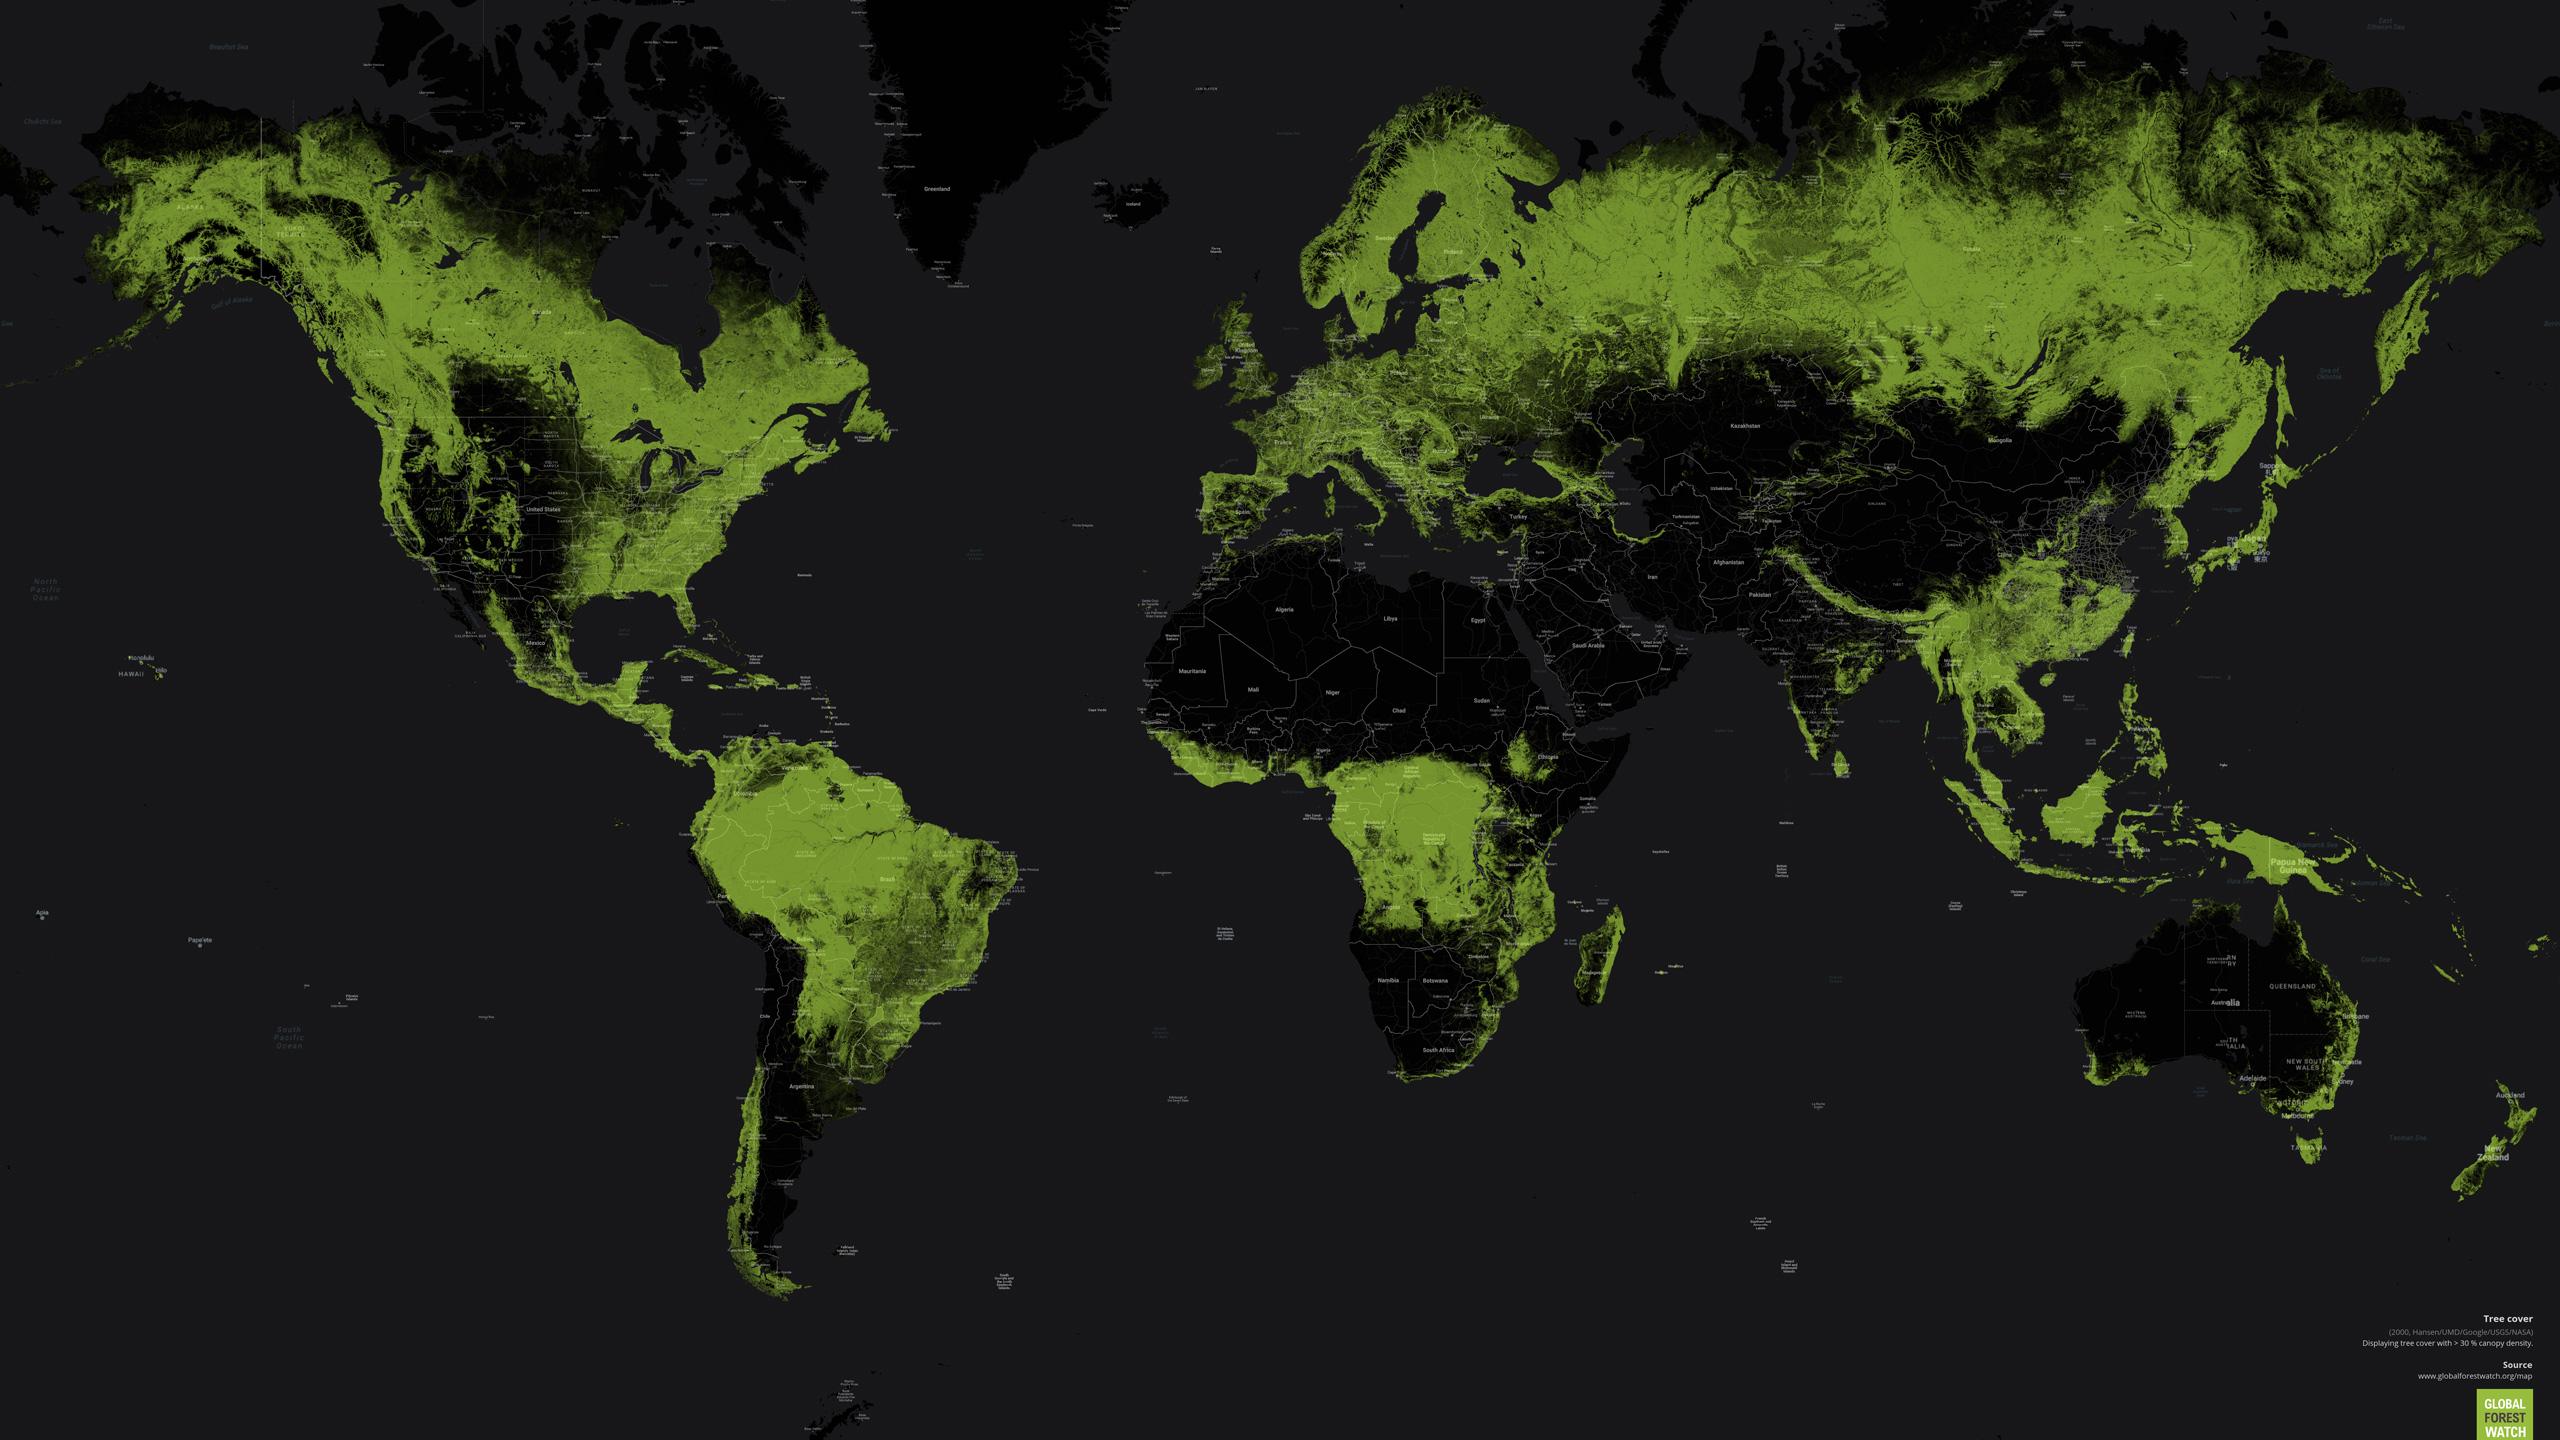 Påverkan på världens skogar